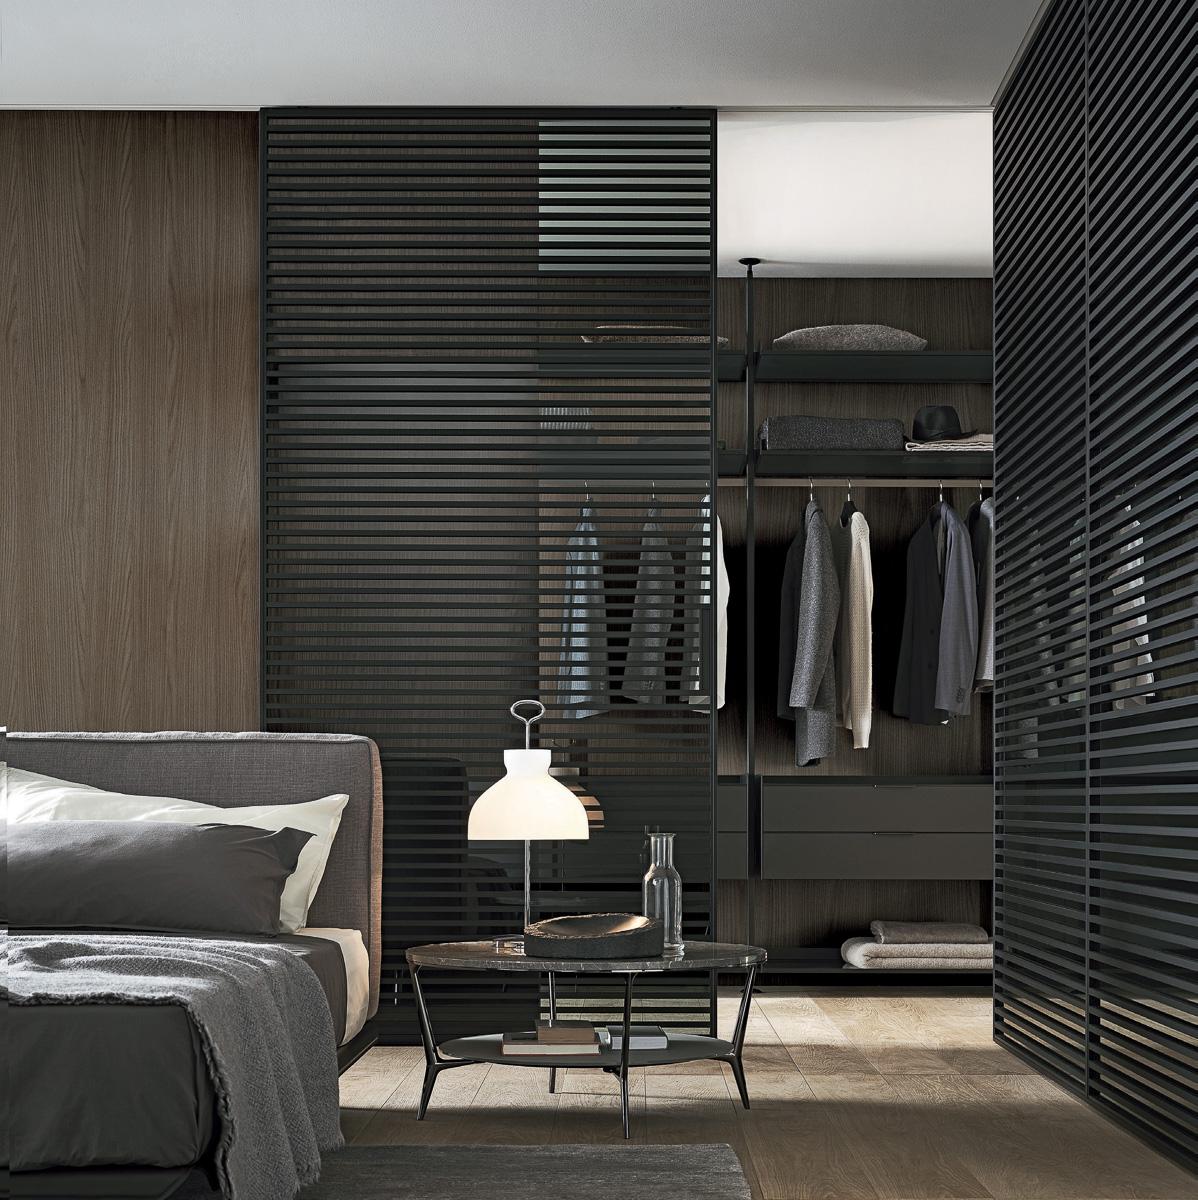 Schlafzimmer mit Ankleidezimmer dunkel - Wohndesign